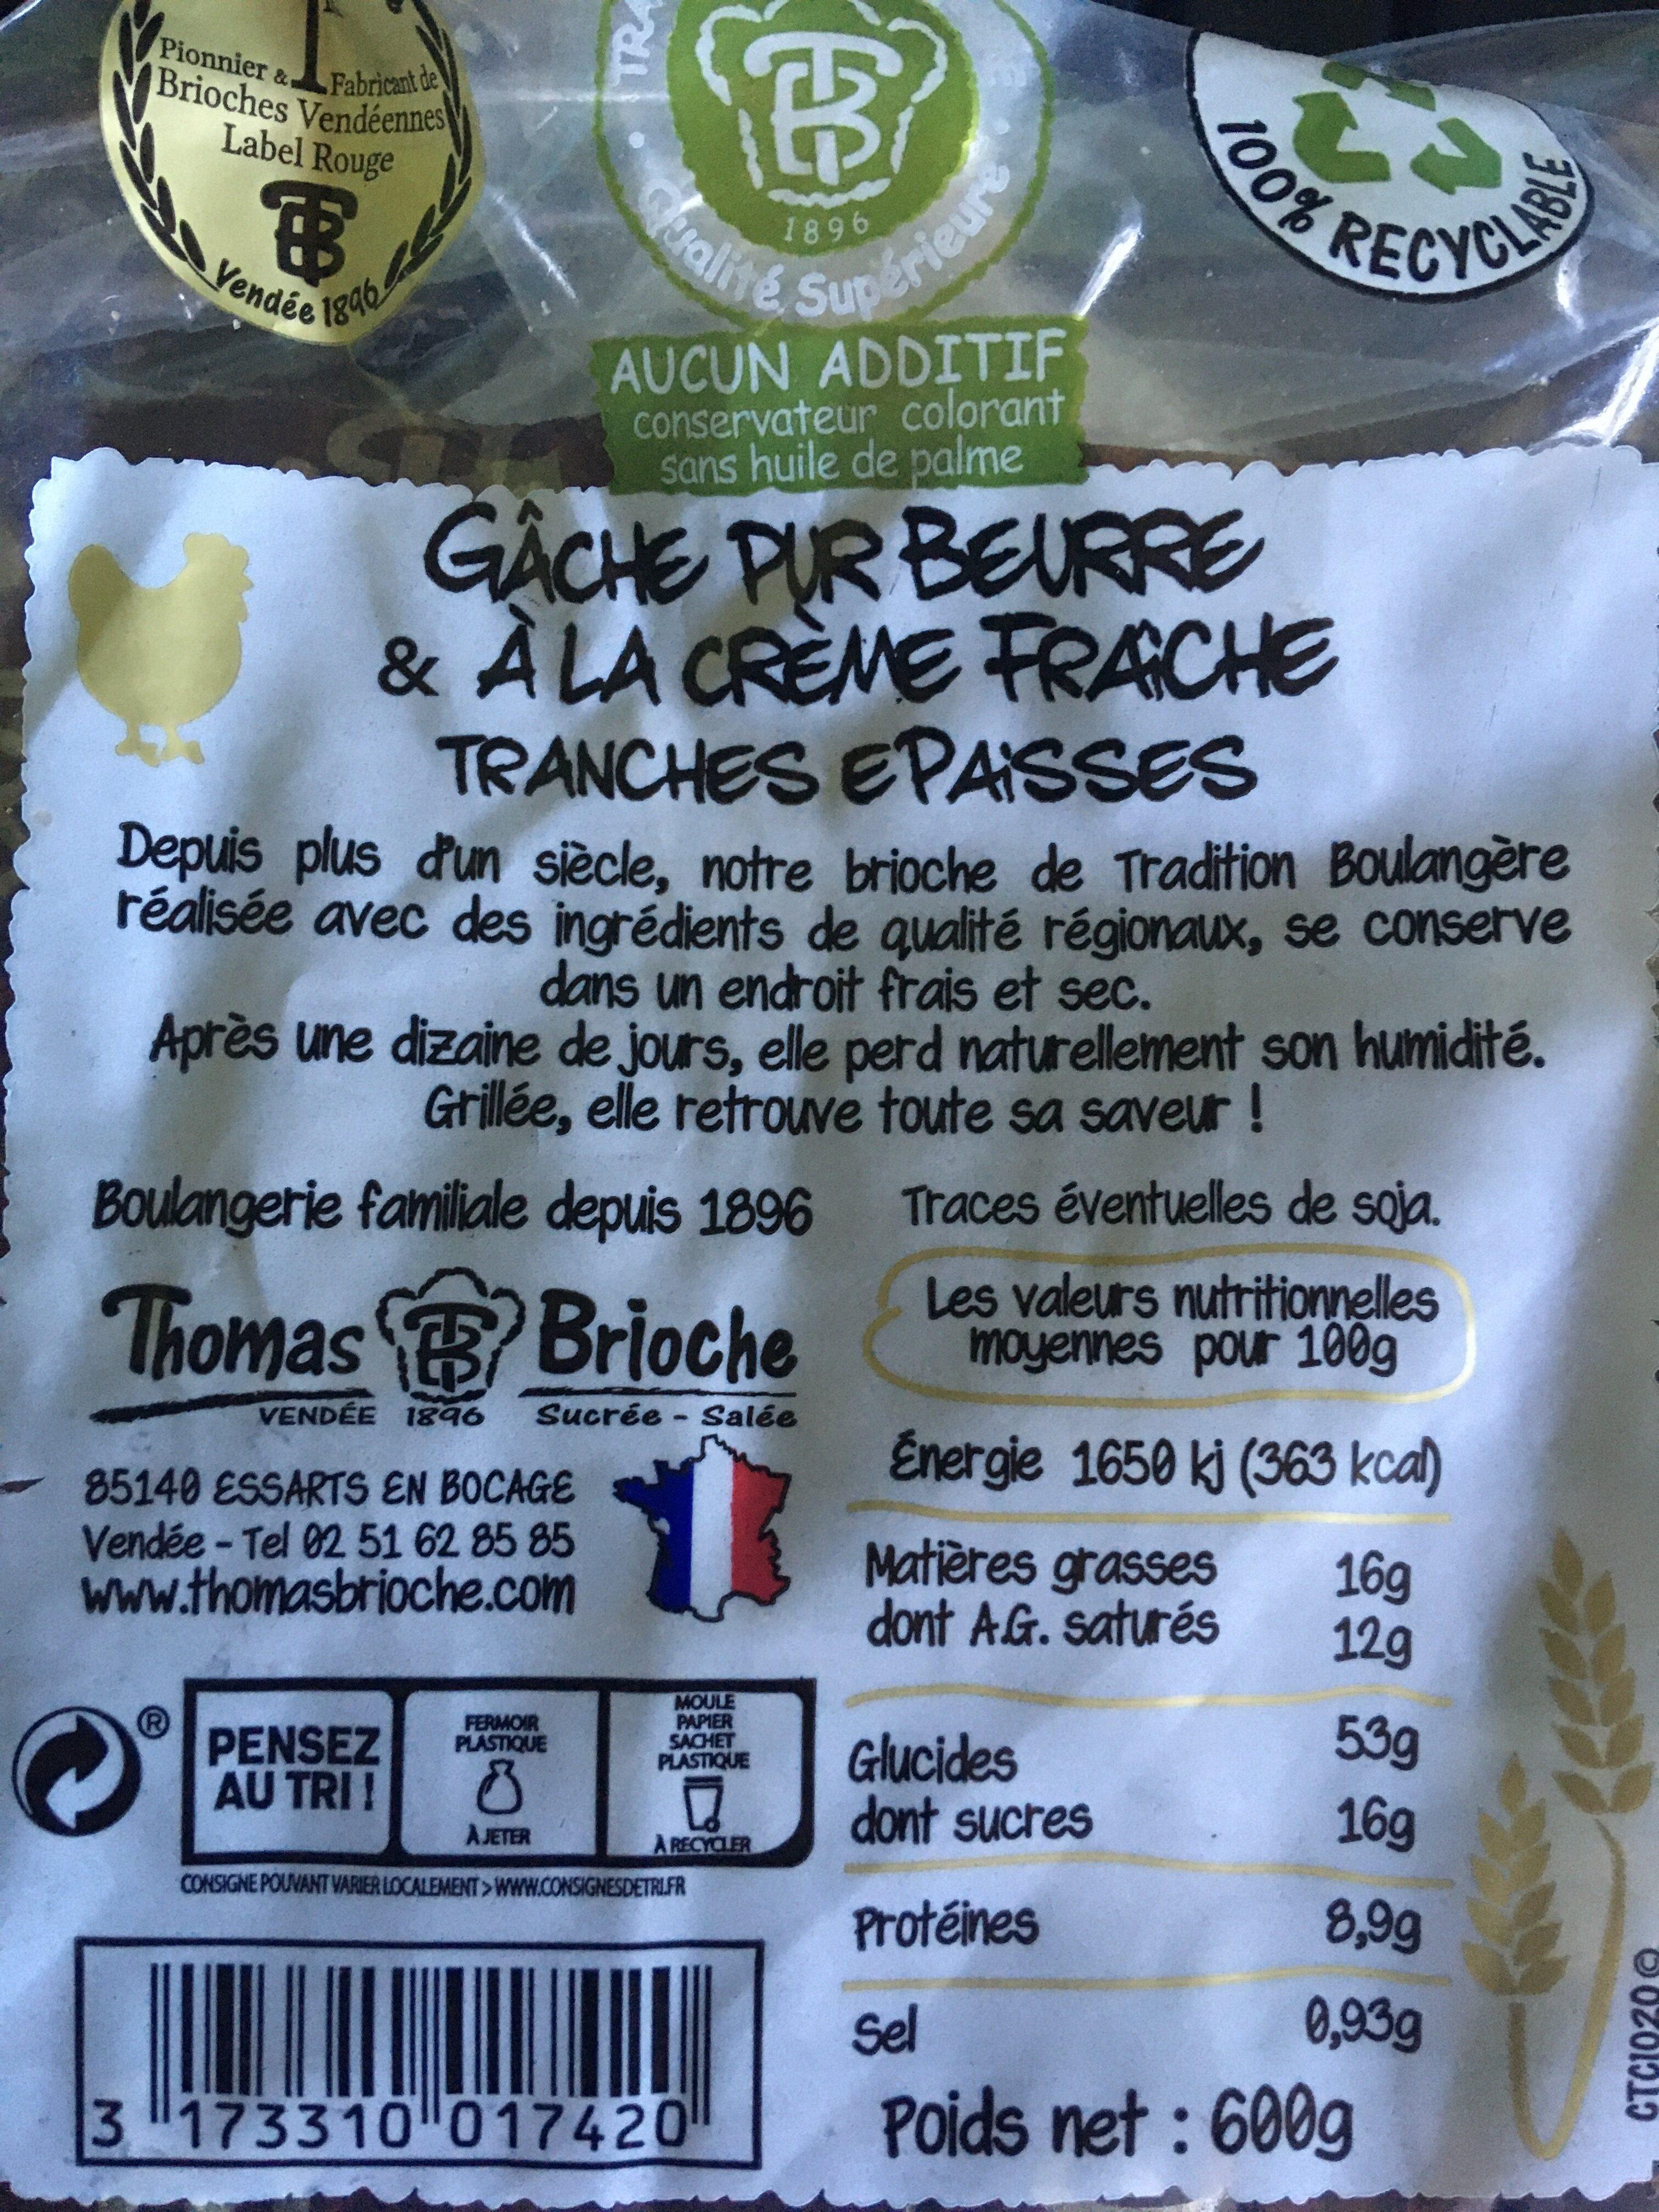 Gâche en tranches épaisses, pur beurre et à la crème fraîche - Produit - fr